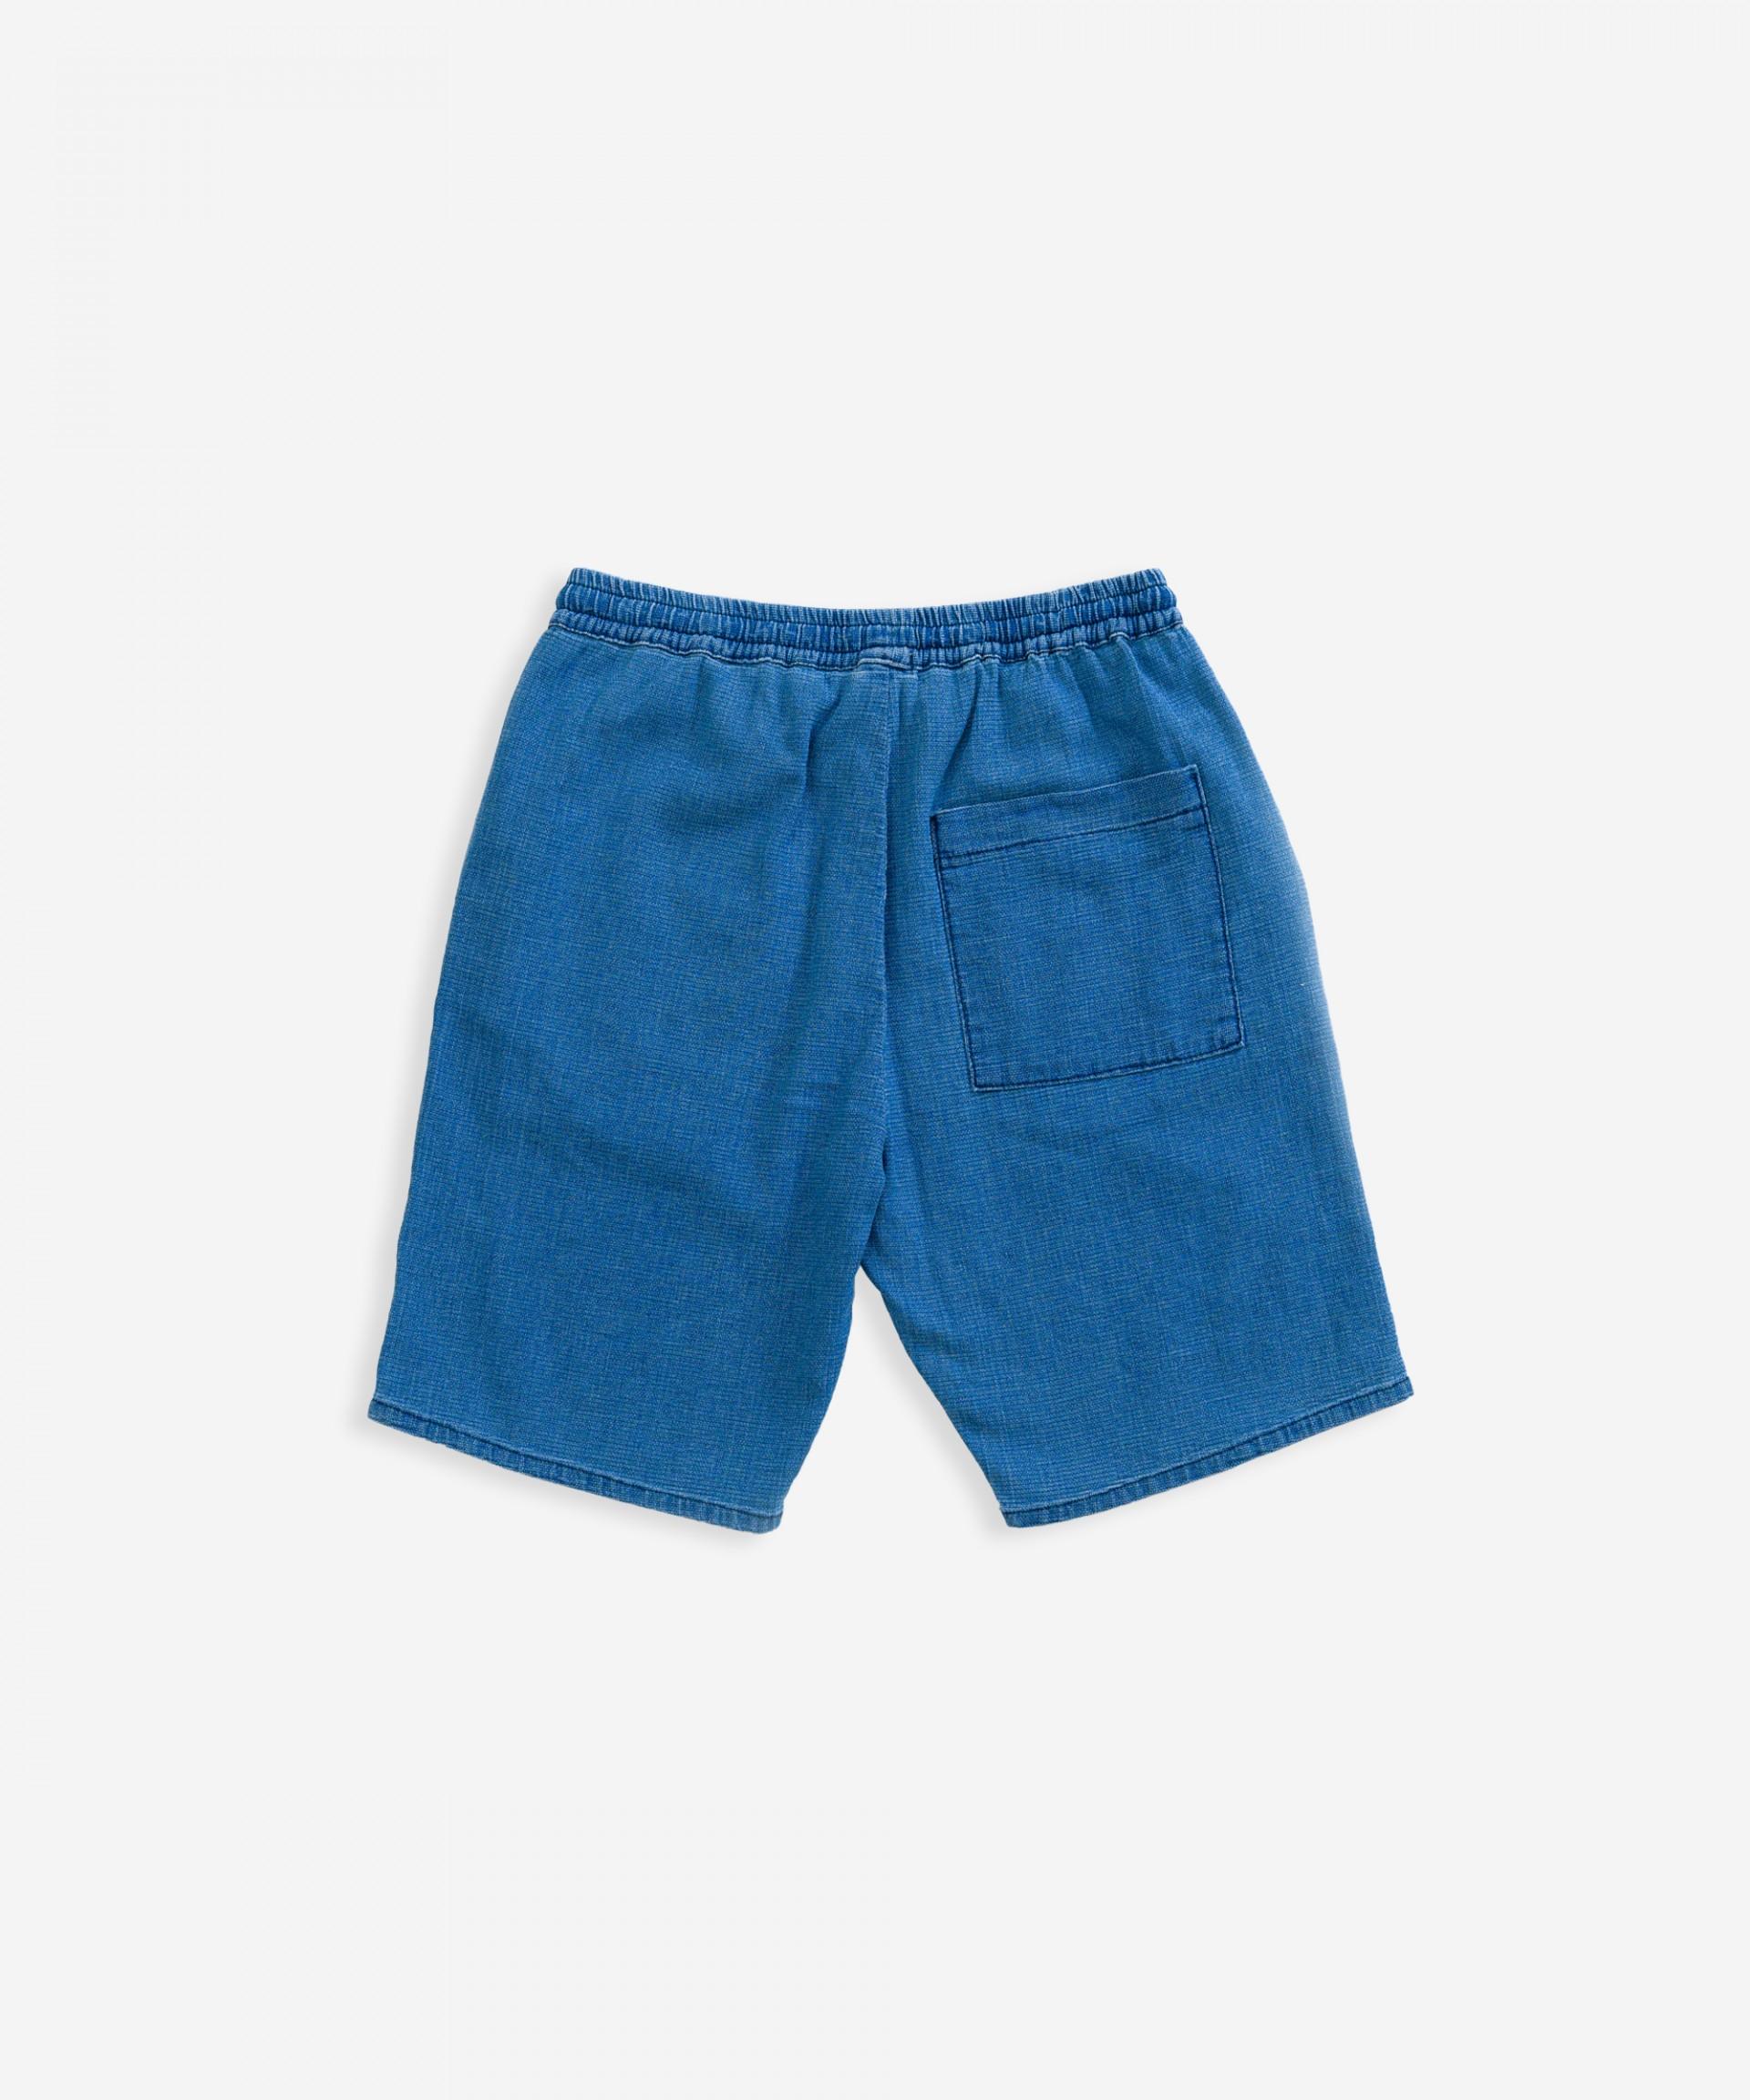 Pantaloncini  di jeans con tasche | Weaving